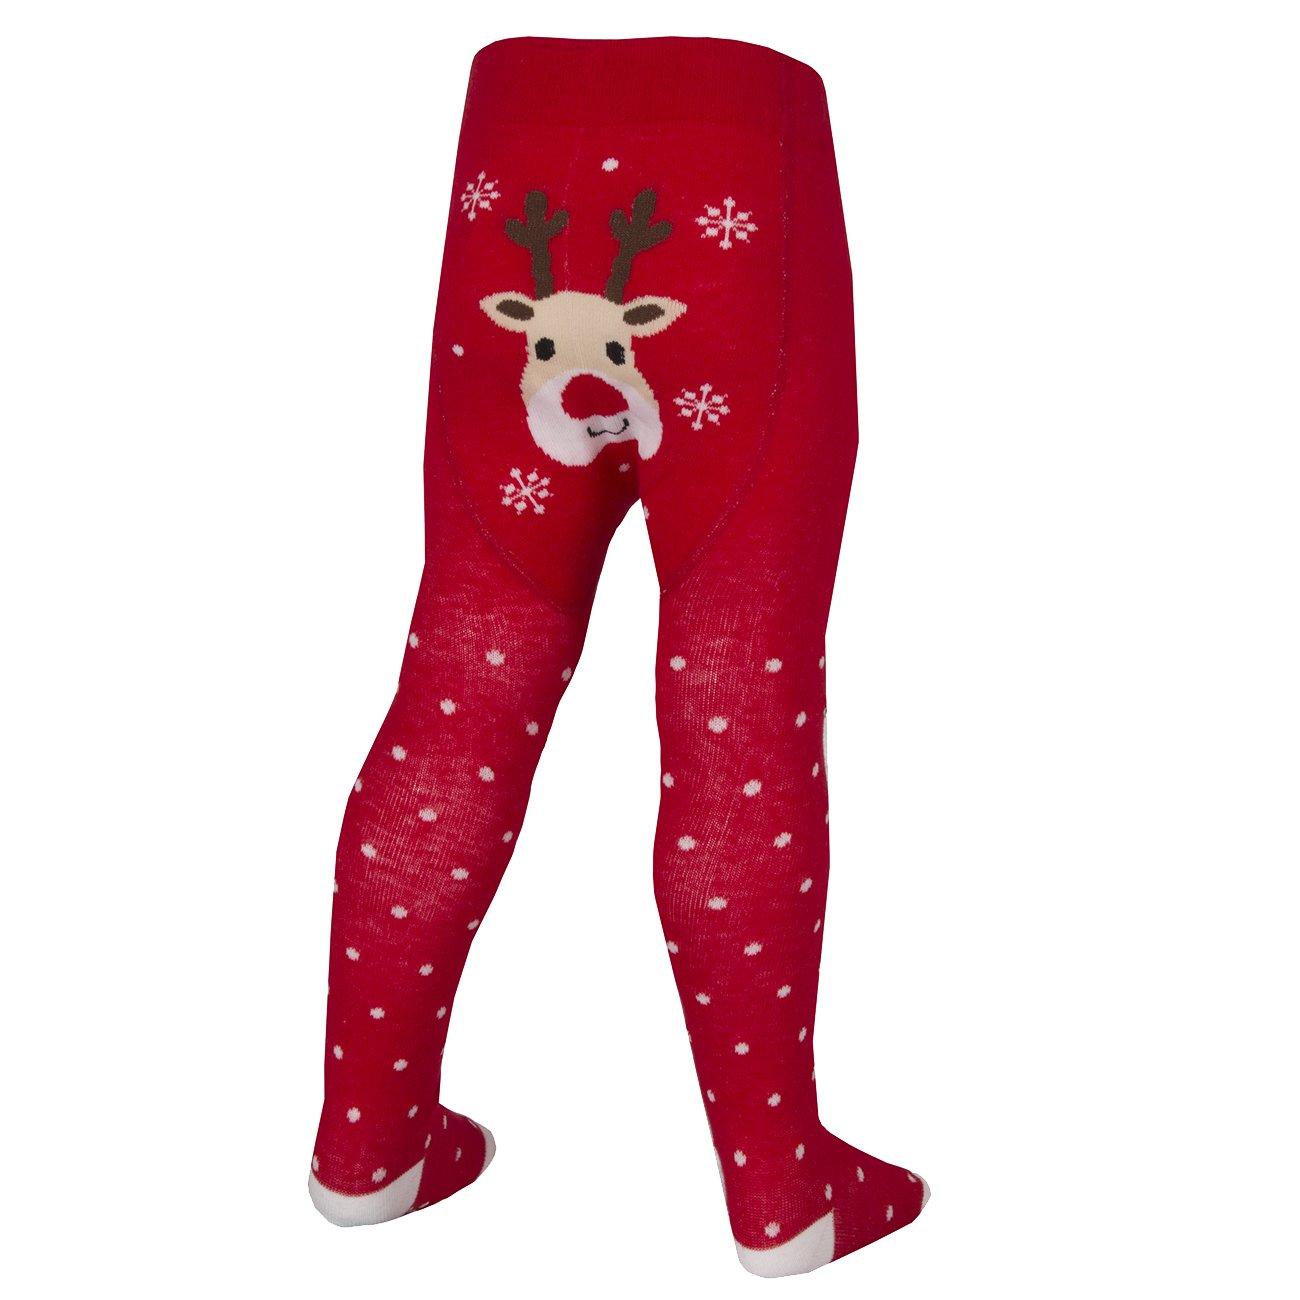 Tick Tock Strumpfhosen mit festlichem Design für kleine Mädchen, mit hohem Baumwollanteil